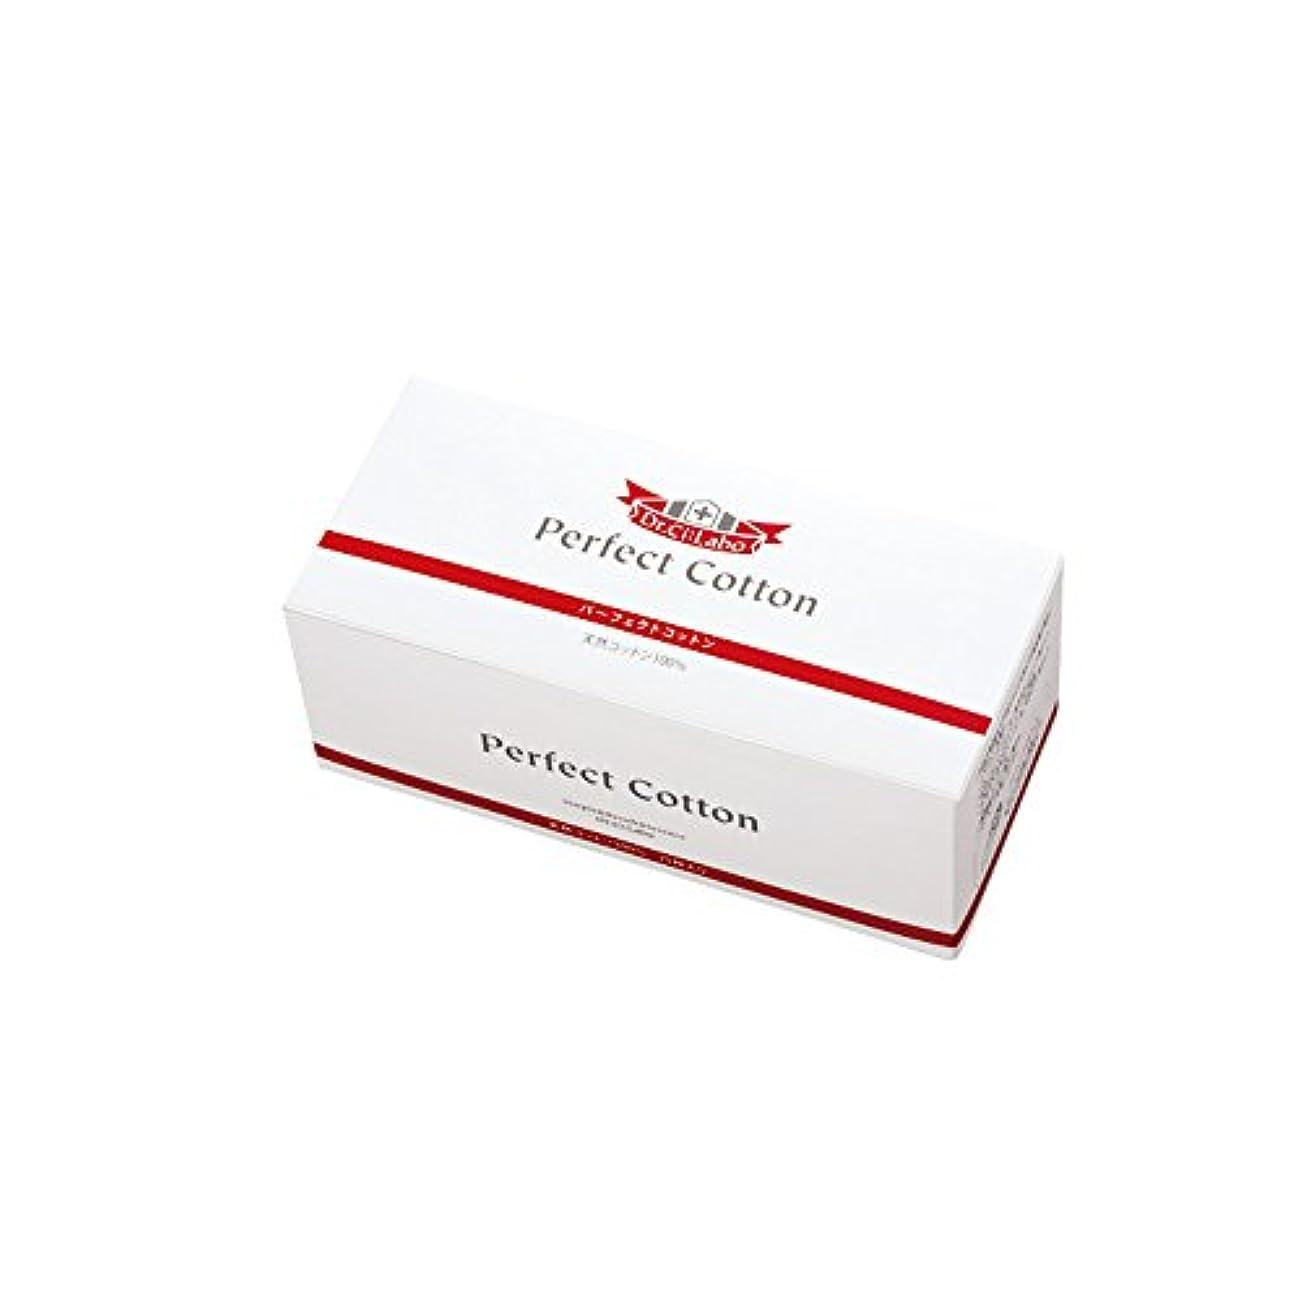 年シール近代化するドクターシーラボ パーフェクトコットン 大判サイズ(8cm×6cm) 75枚 コットンパフ